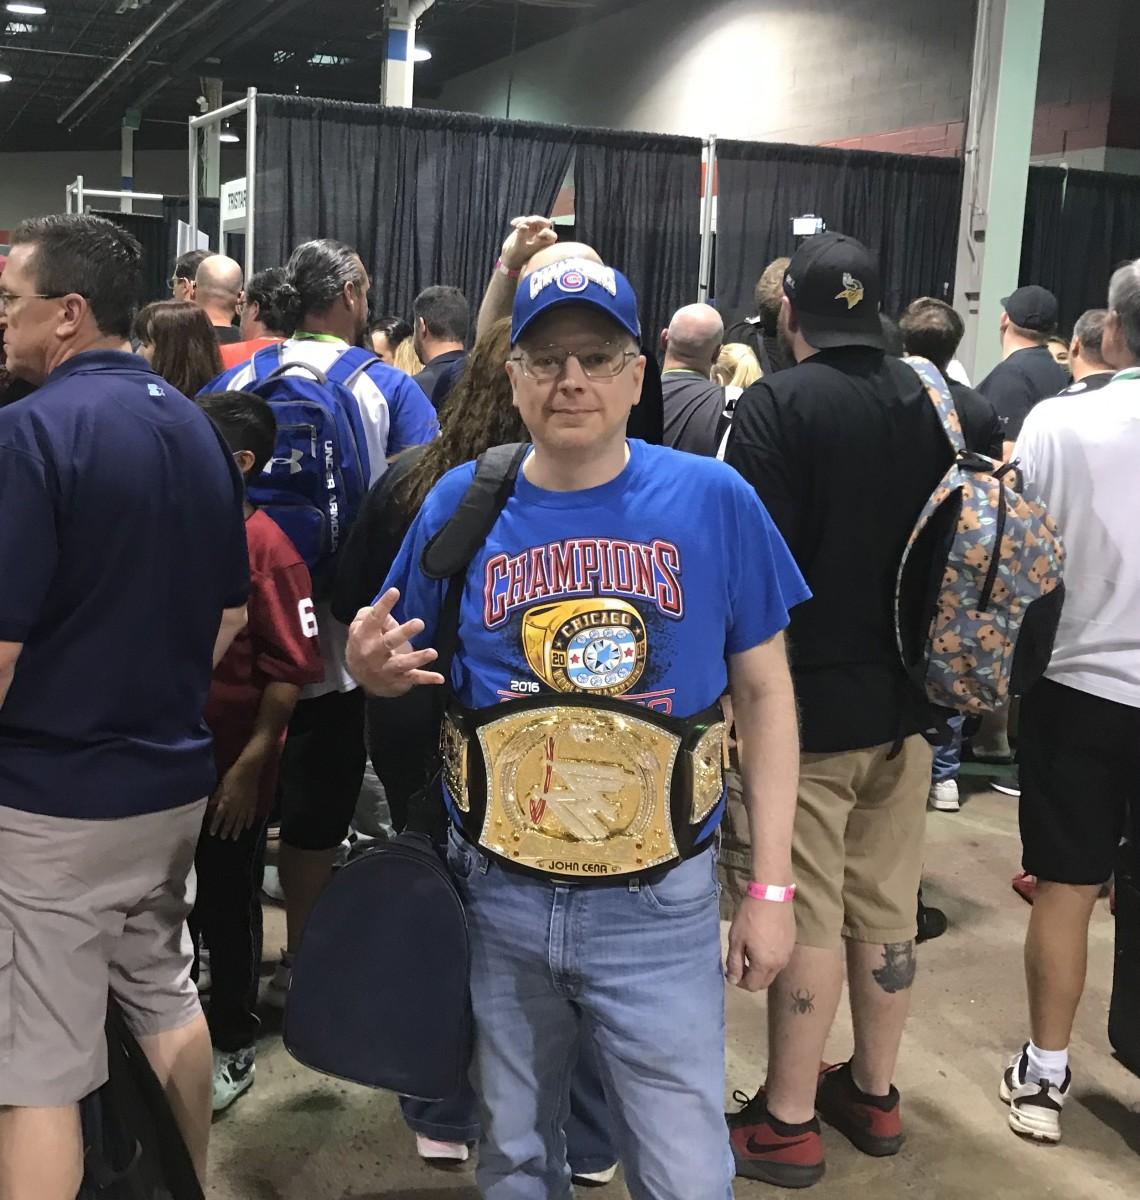 A Hulk Hogan and Ric Flair fan.